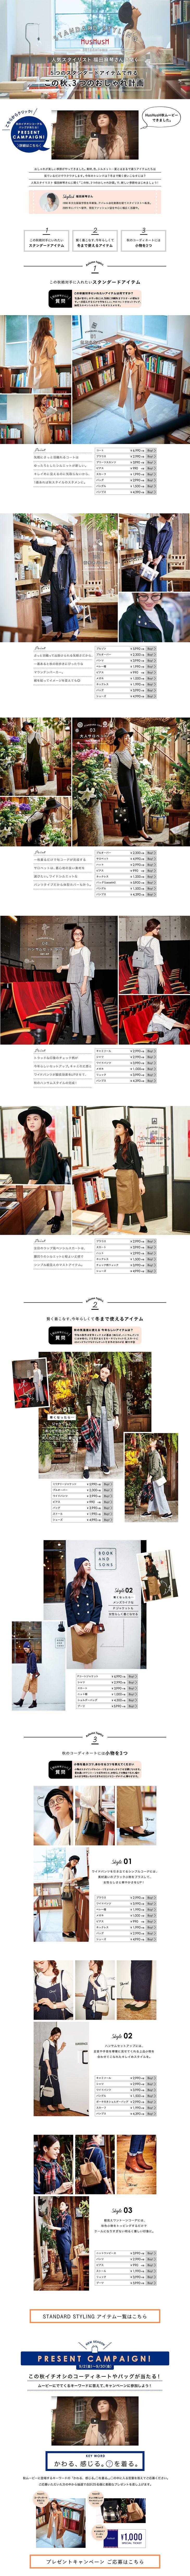 5つのスタンダードアイテムで作る この秋、3つのおしゃれ計画【ファッション関連】のLPデザイン。WEBデザイナーさん必見!ランディングページのデザイン参考に(シンプル系)